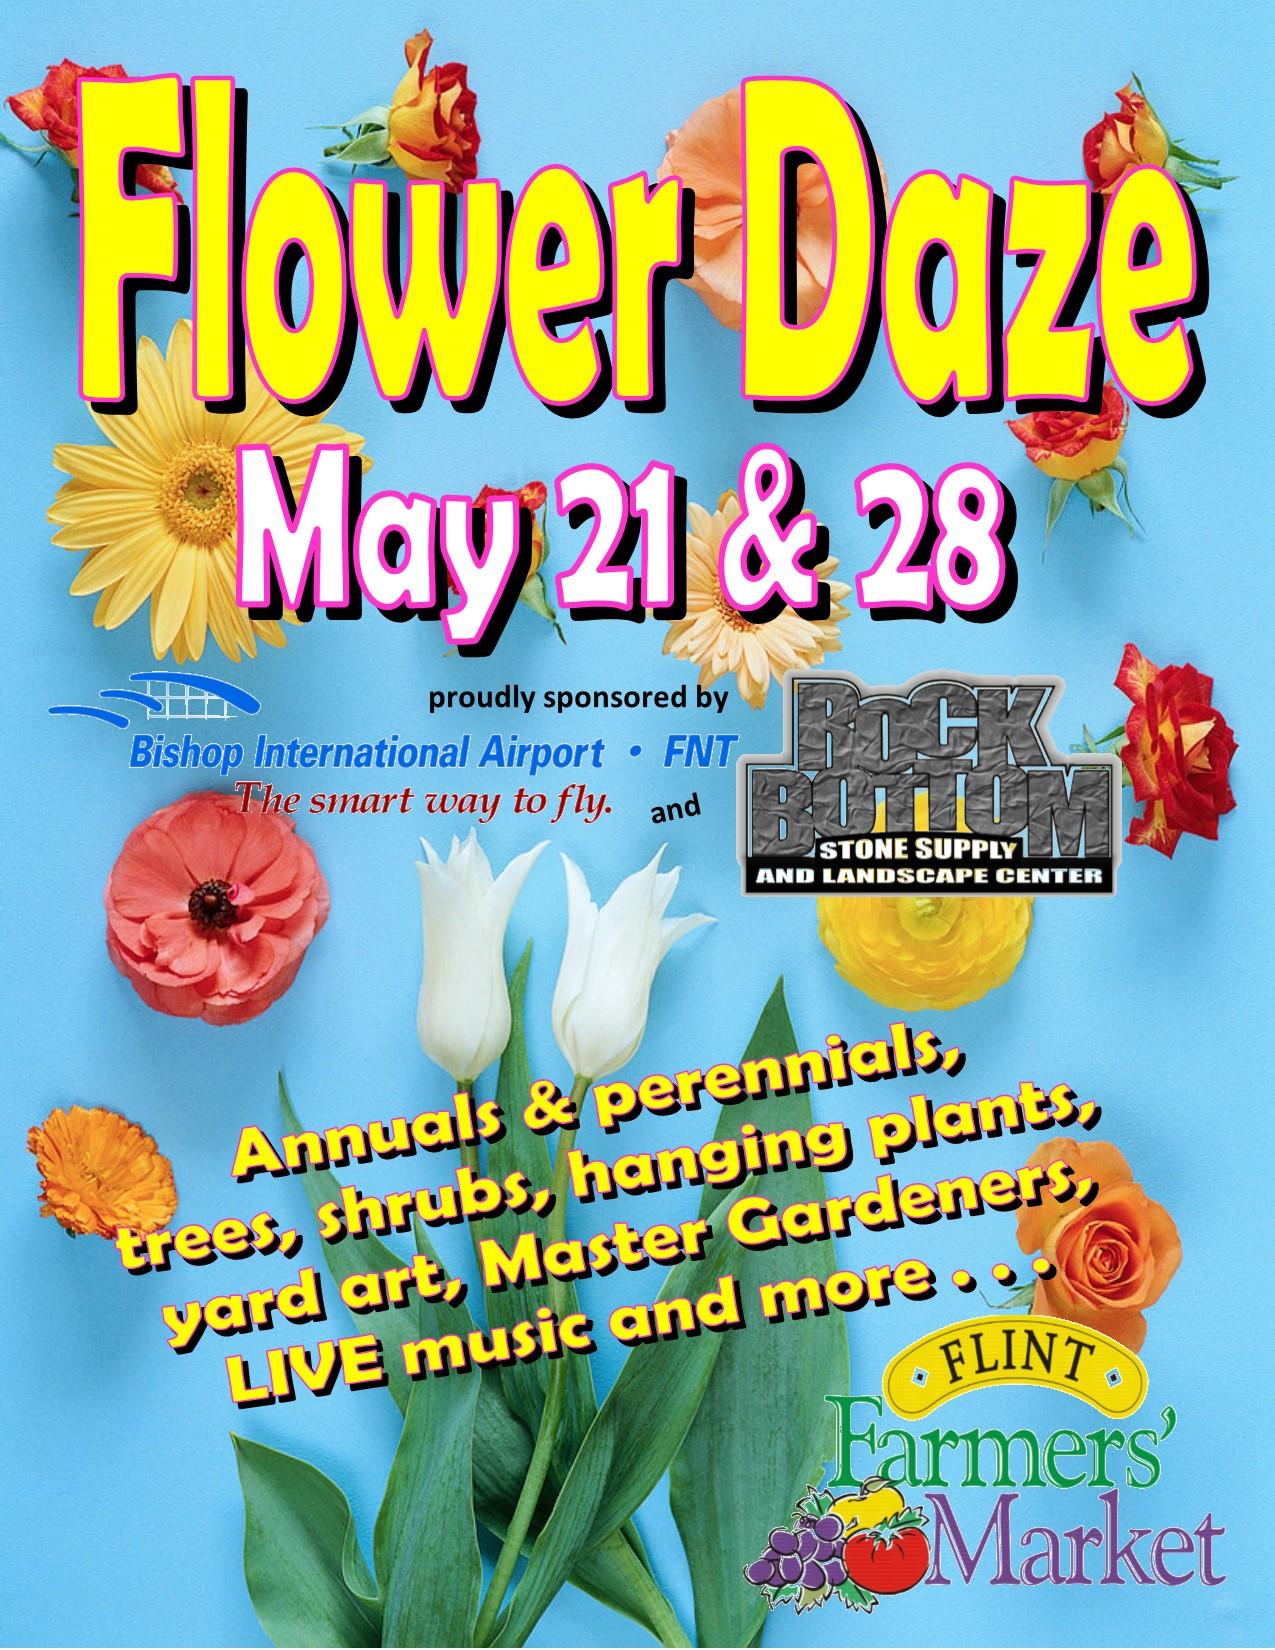 Flower Daze!